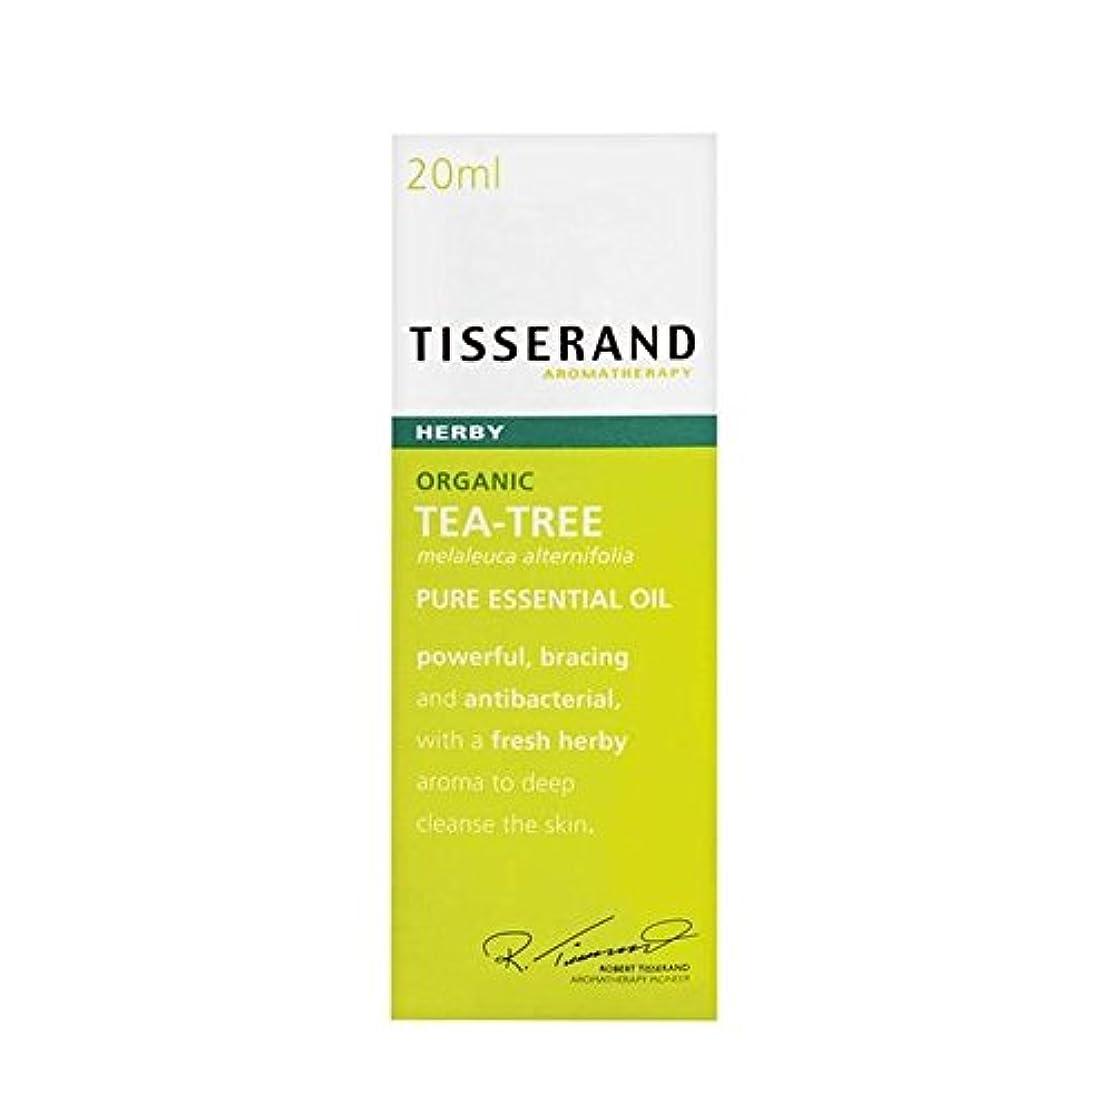 生き残りエイリアン黙認するティスランドティーツリーオーガニックピュアエッセンシャルオイル20ミリリットル x2 - Tisserand Tea Tree Organic Pure Essential Oil 20ml (Pack of 2) [並行輸入品]